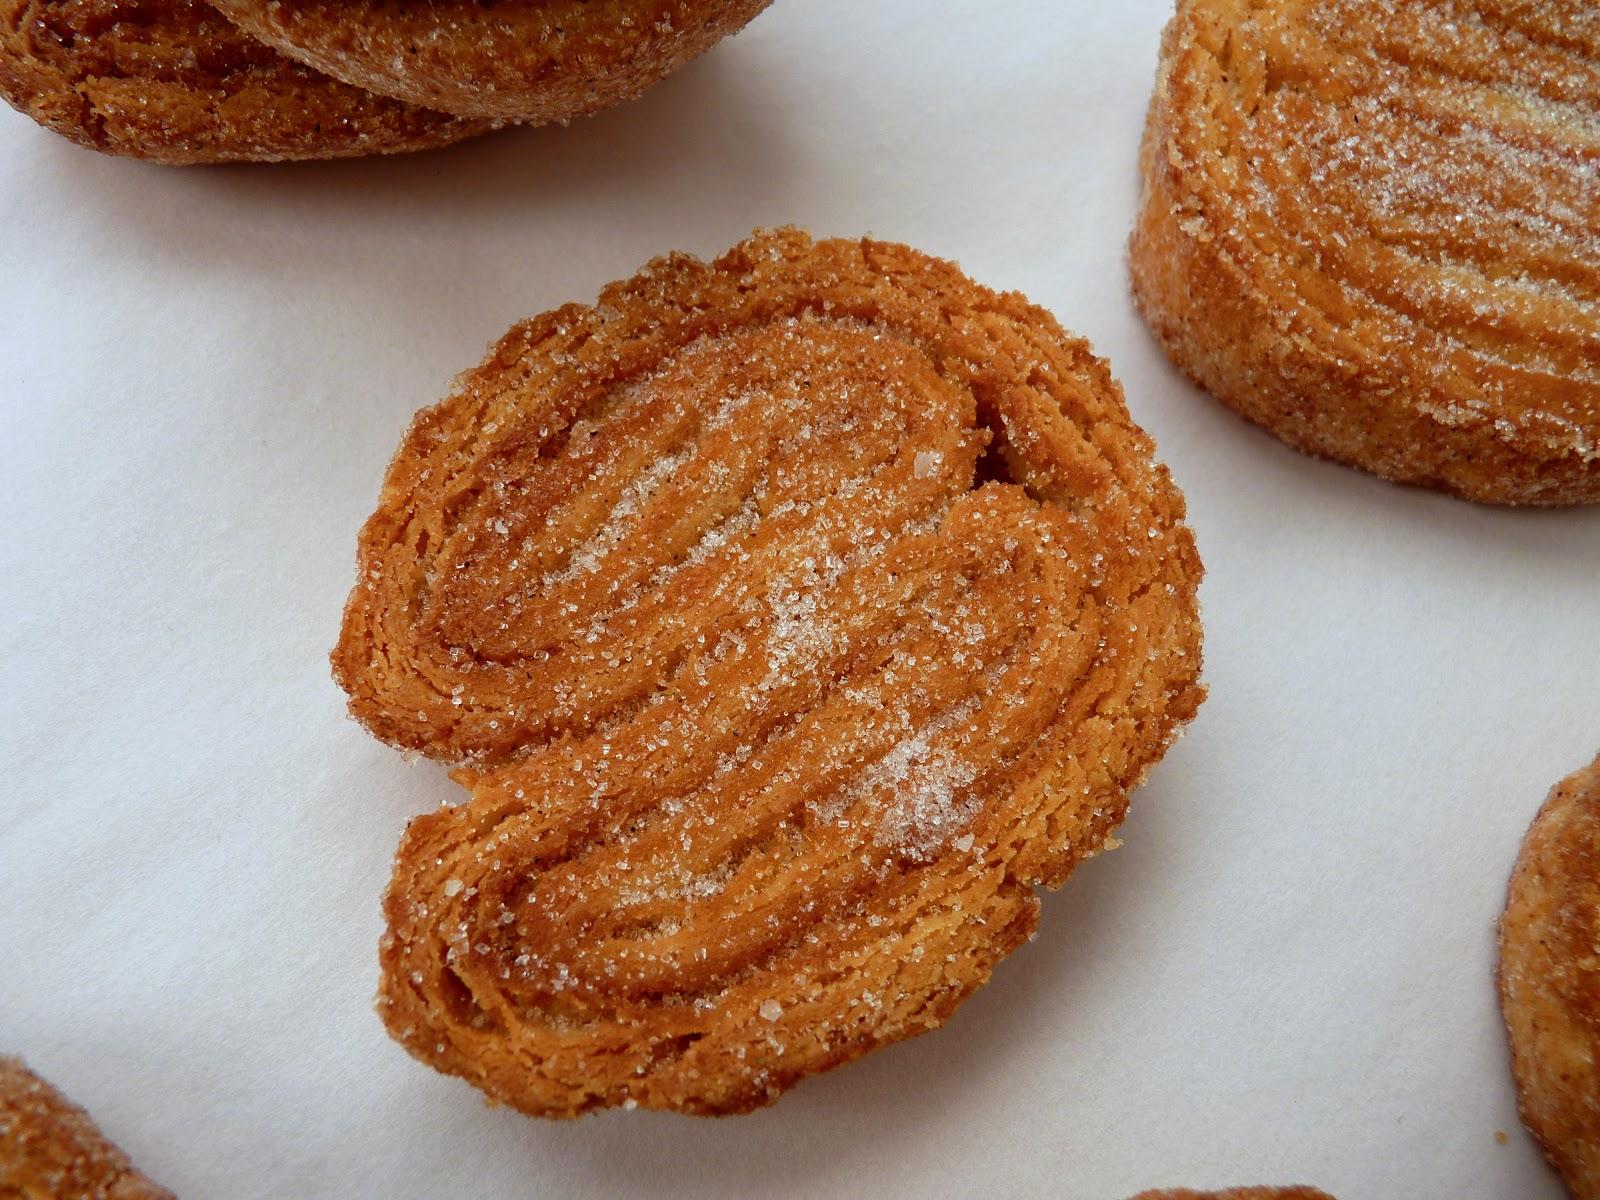 pastry studio: Caramel-Glazed Cardamom Palmiers